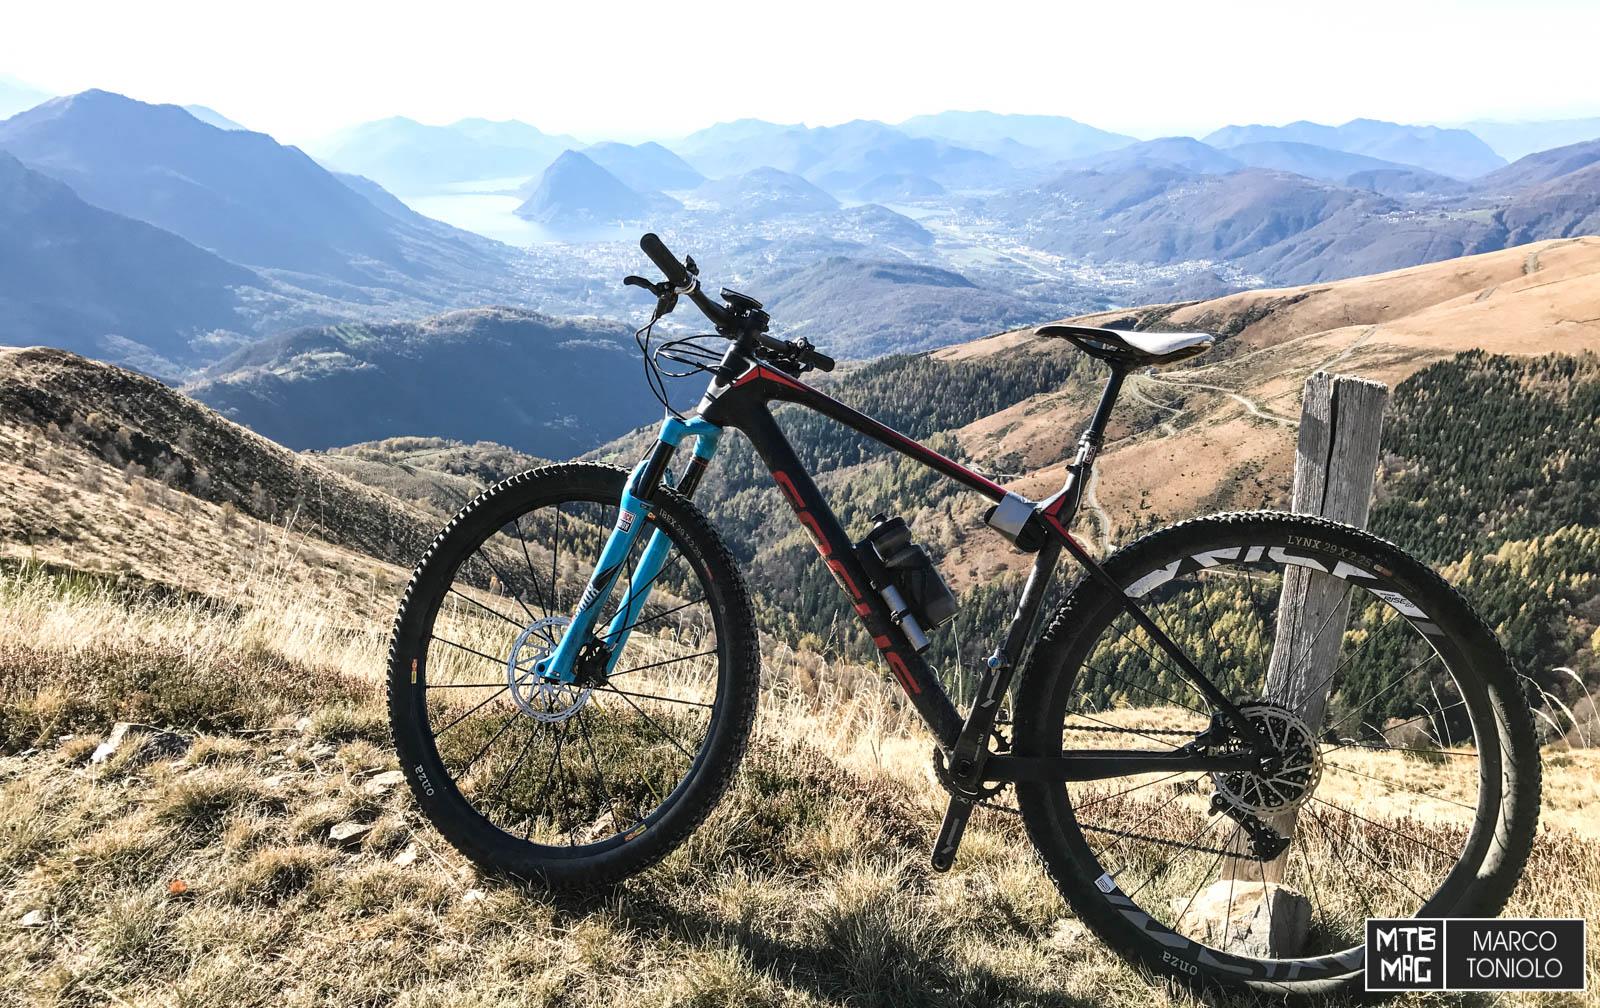 MTB-MAG COM - Mountain Bike Magazine | Fox 32 SC vs  Rock Shox SID